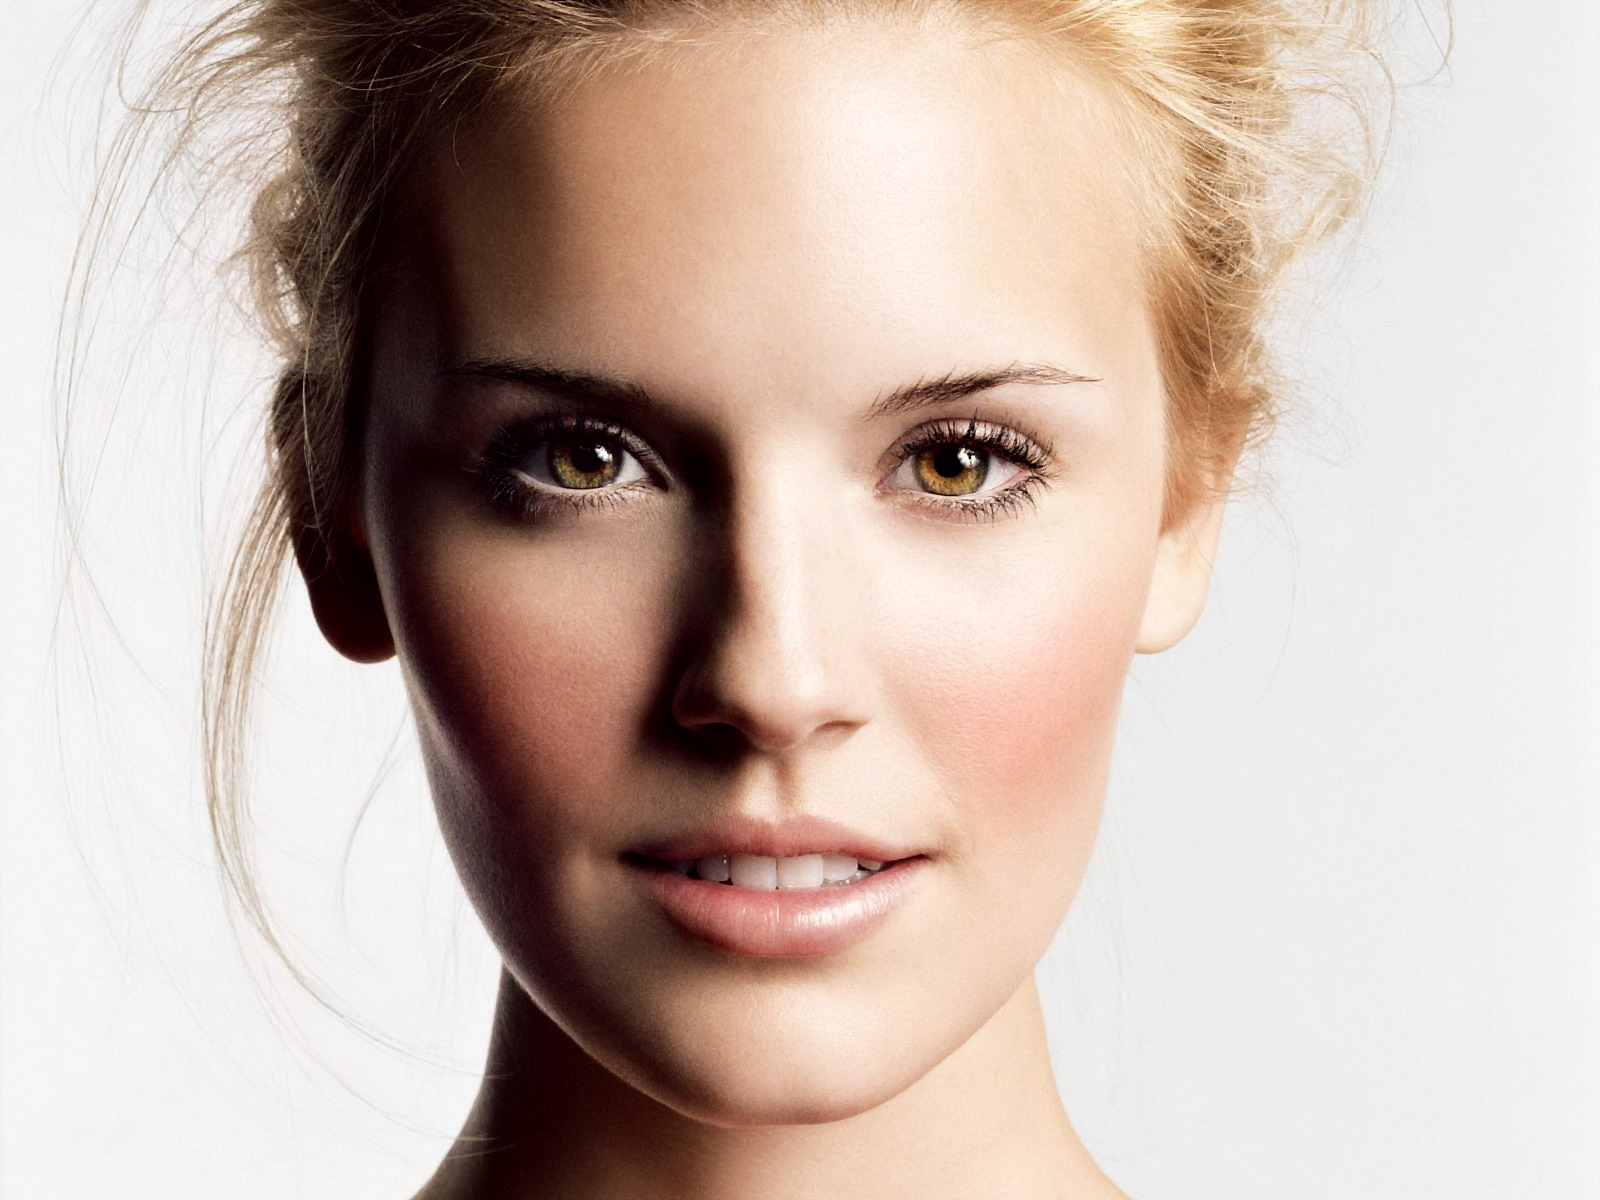 Portrait Pictures 31668 1280x800 px